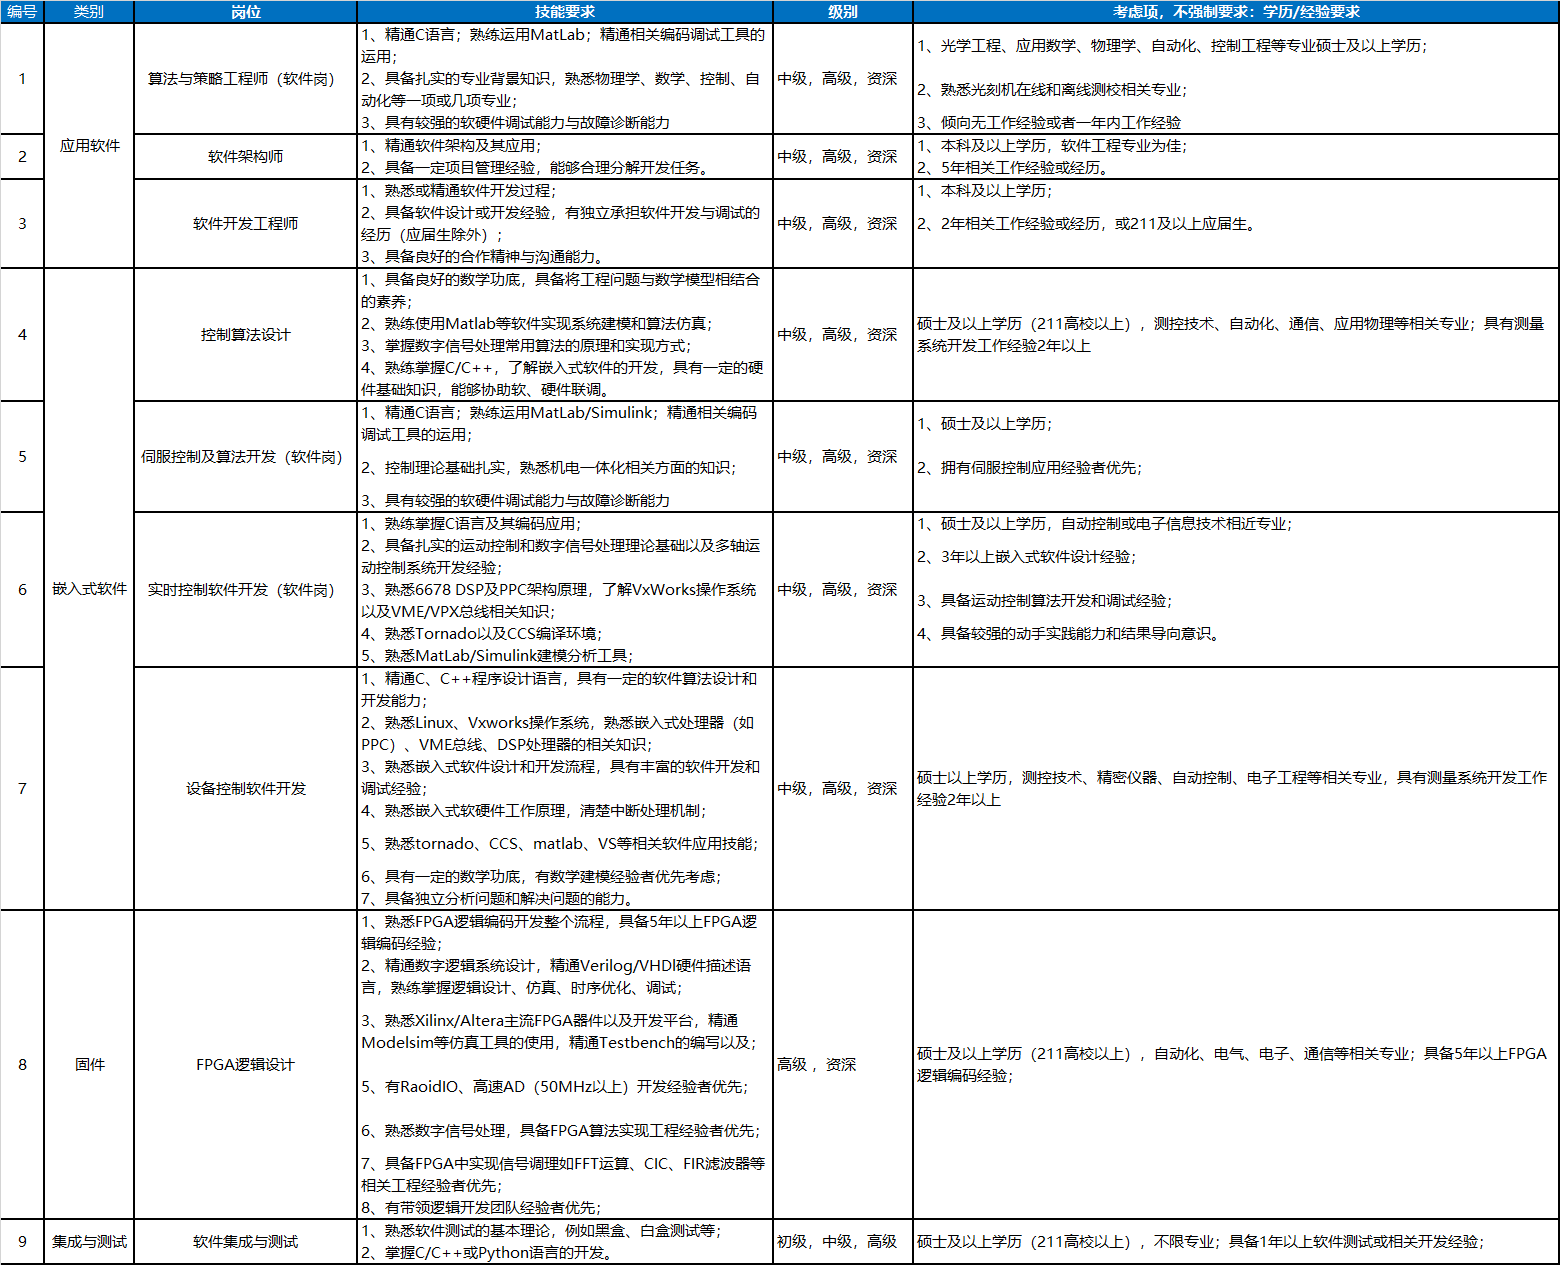 上海微电子装备(集团)股份有限公司招聘半导体相关软件工程师 欢迎投递简历